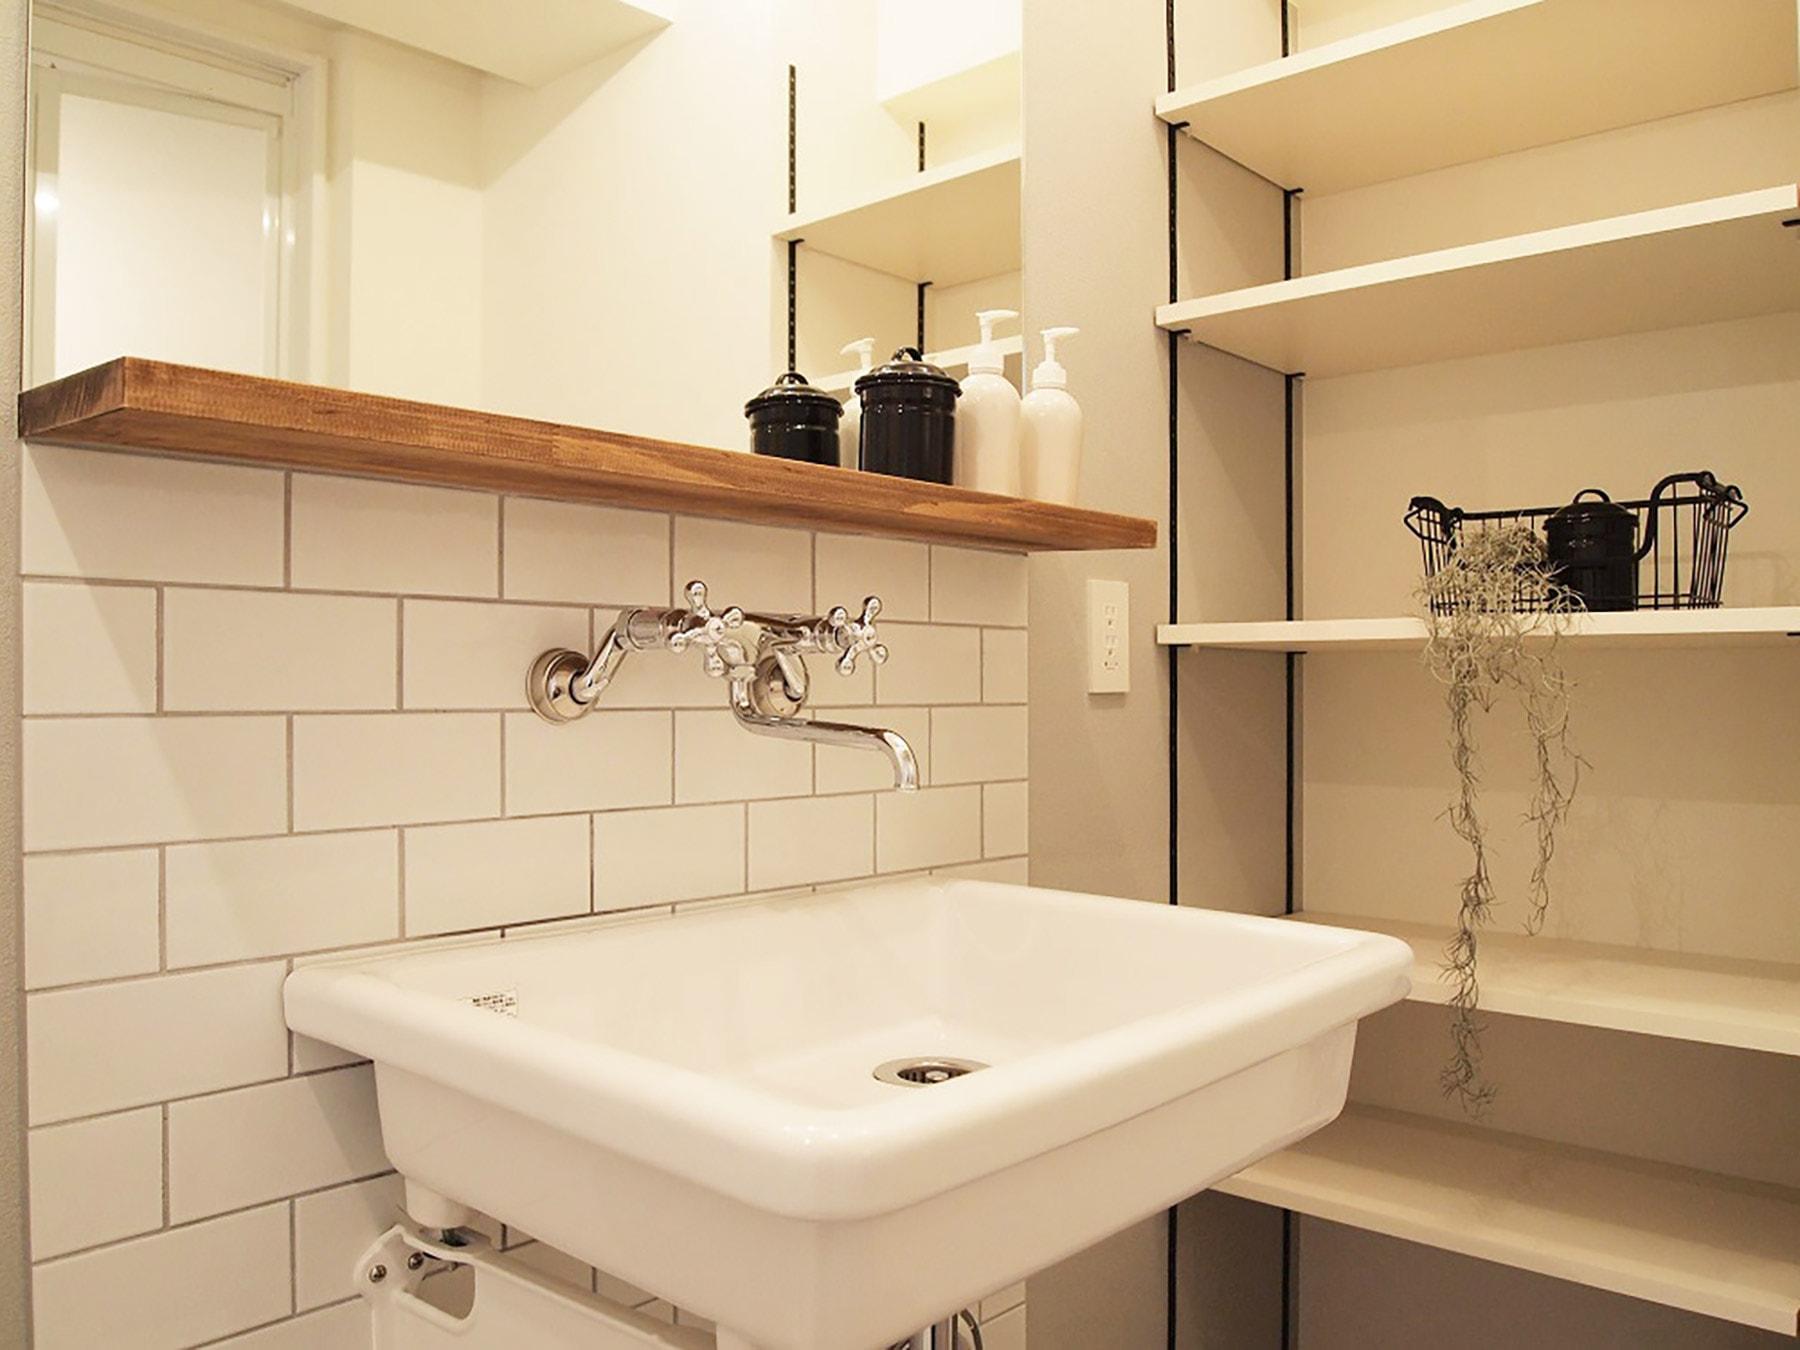 ~洗面台プラン例~ 洗面化粧台・可動棚設置、ミラー含む(同一タイプ) 工事費35万円